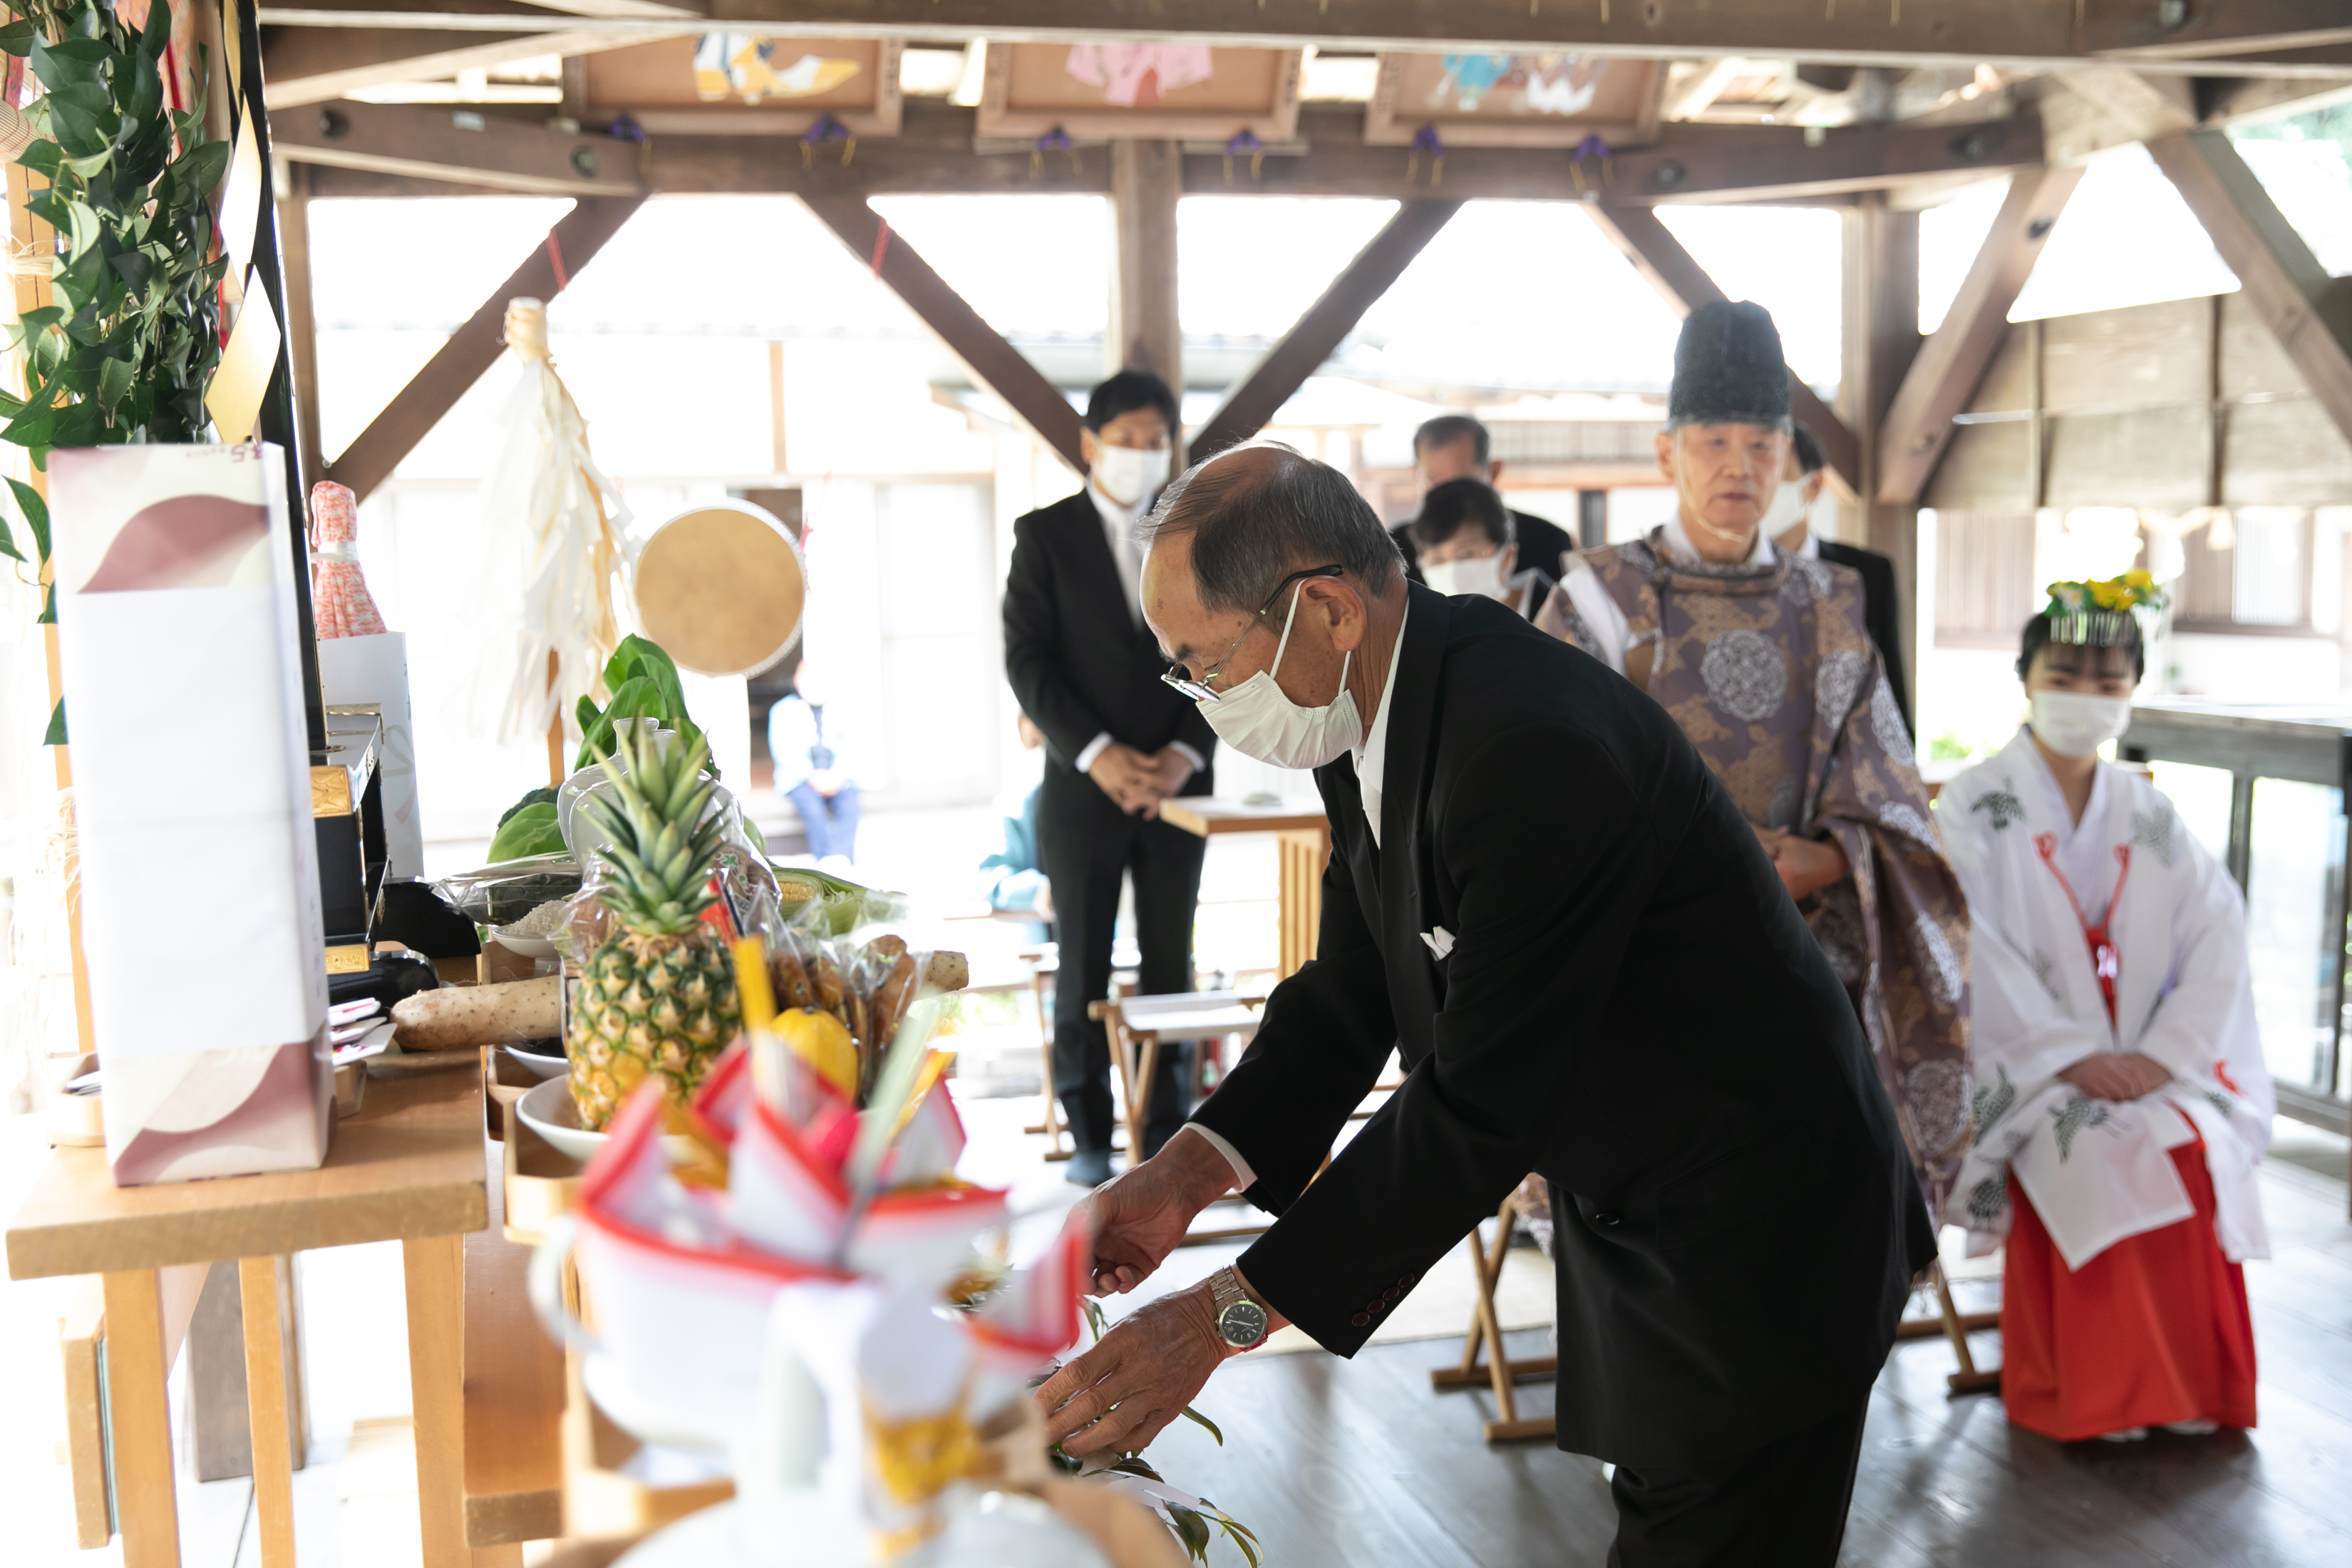 登彌神社 【とみじんじゃ】挙式 奈良市 写真